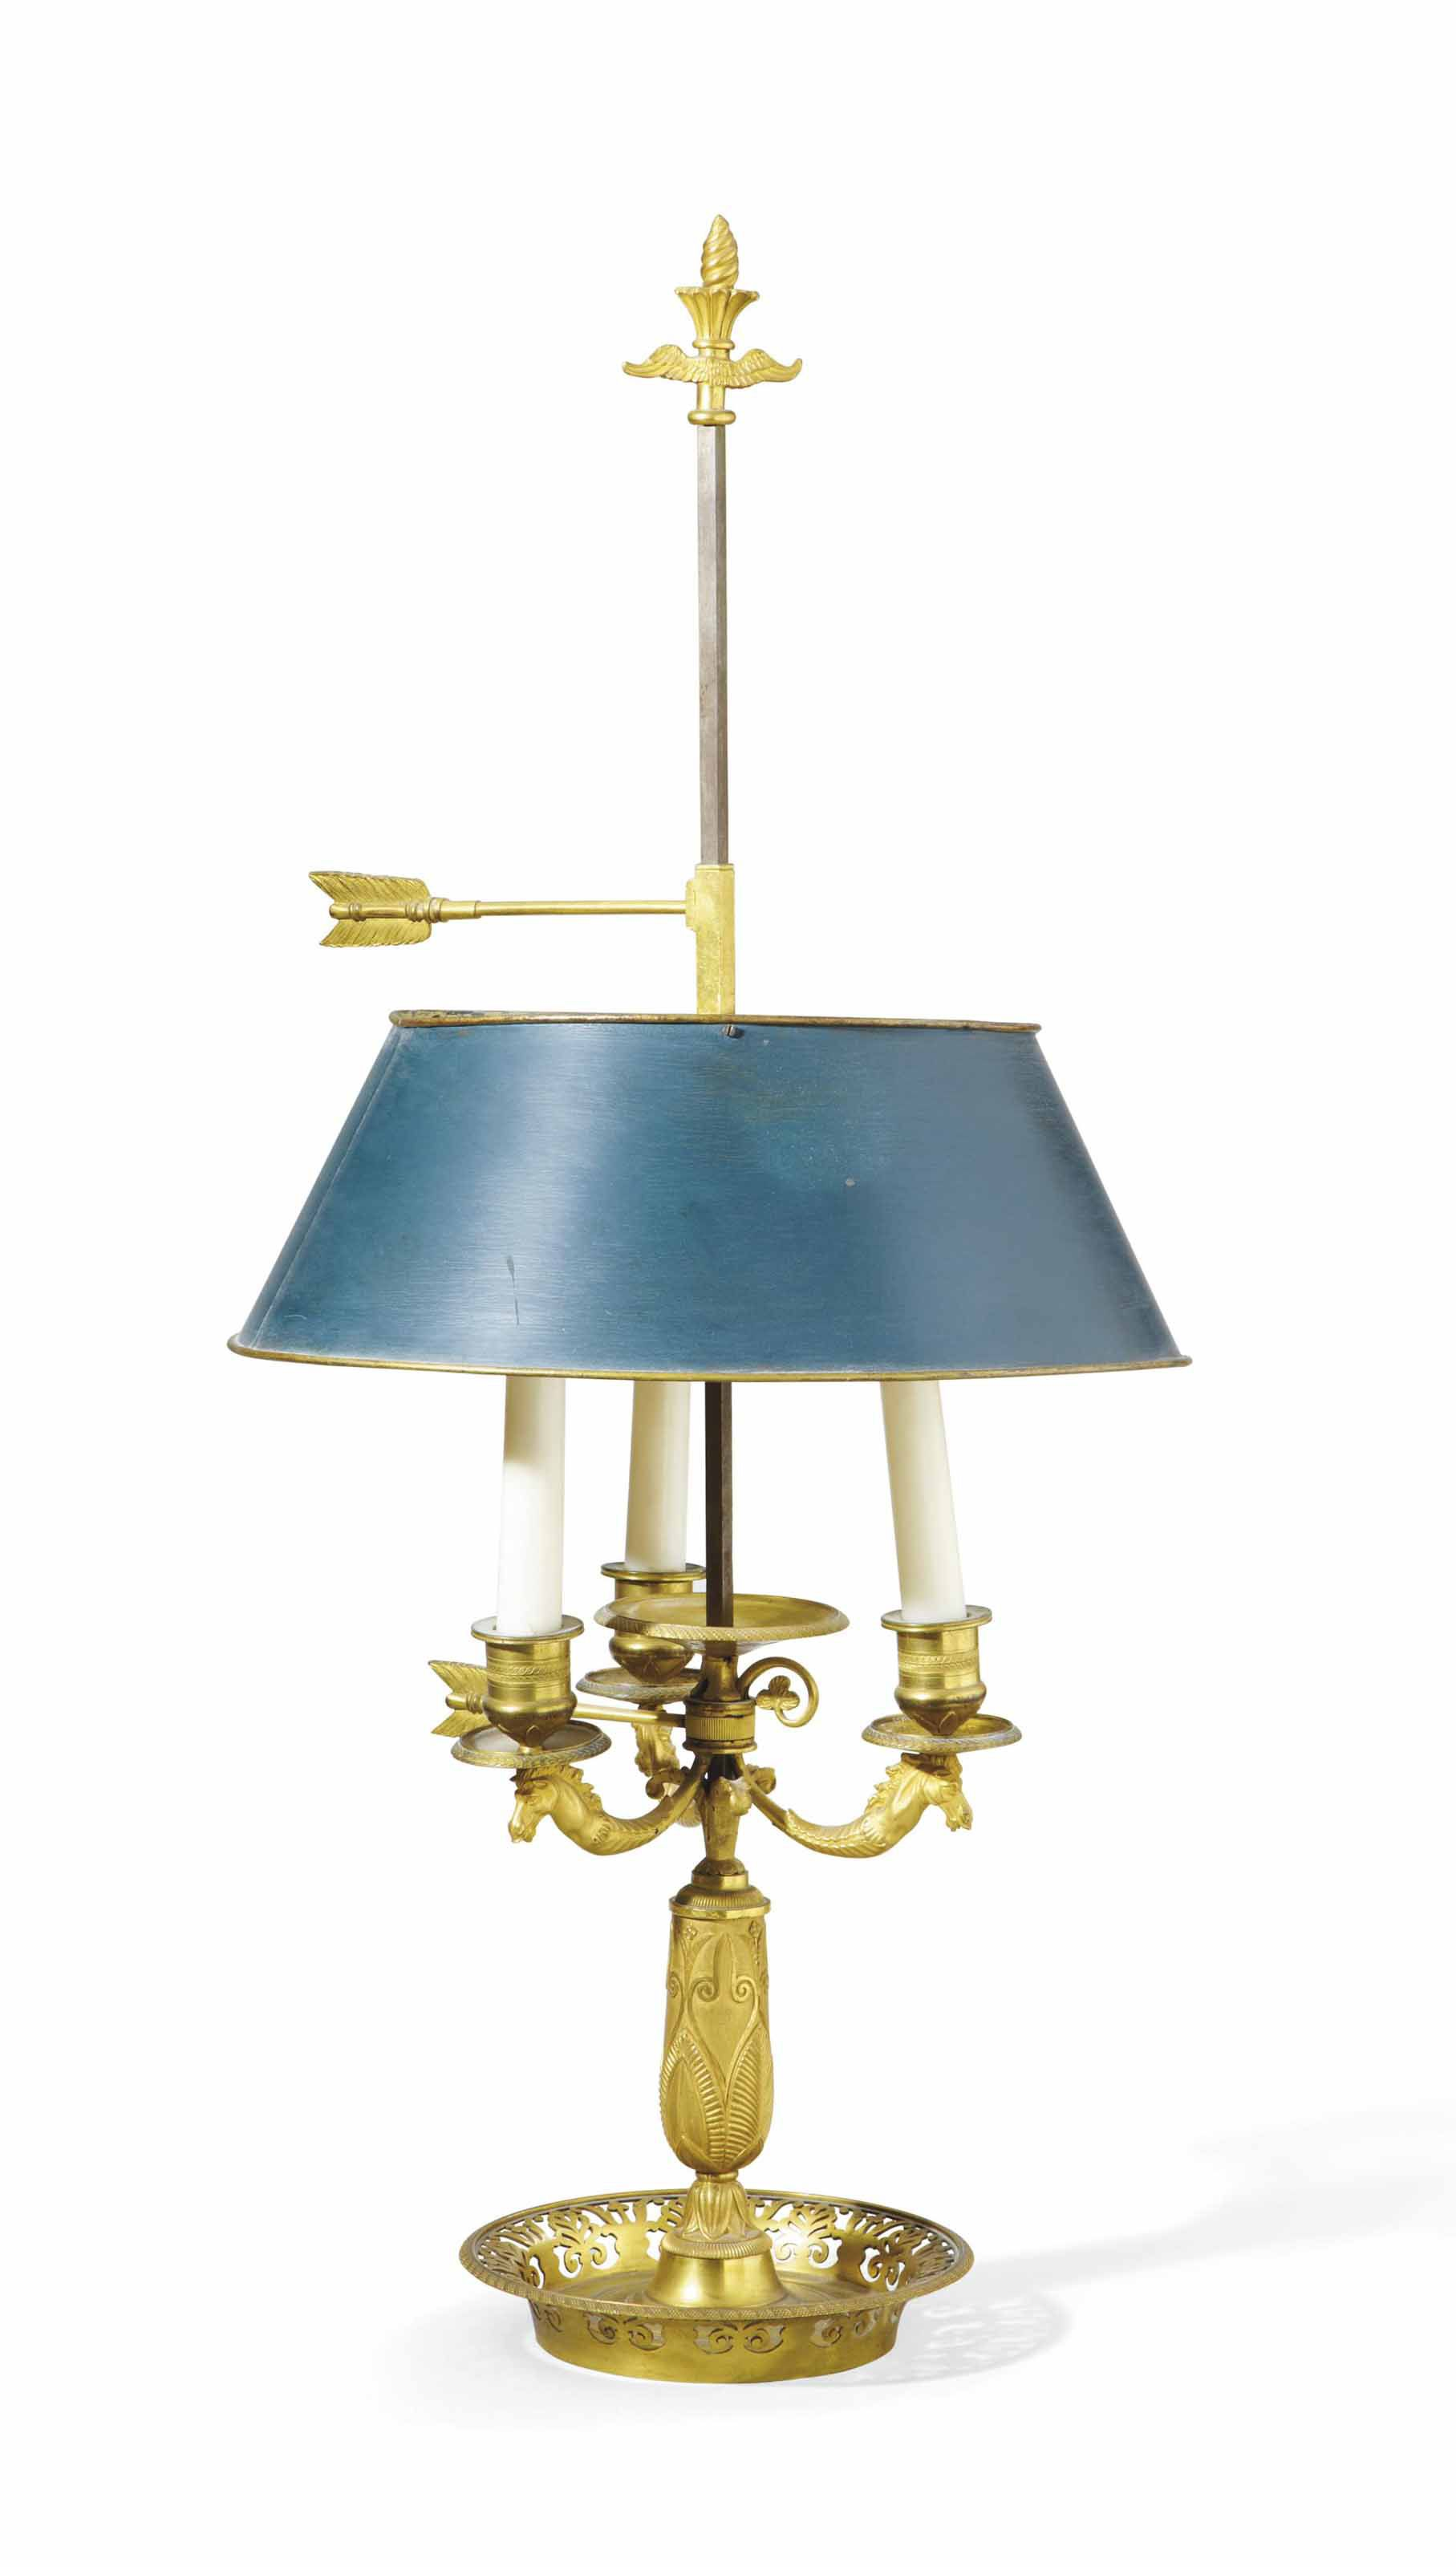 Date Unspecified Lampe Bouillotte D Epoque Empire Debut Du Xixeme